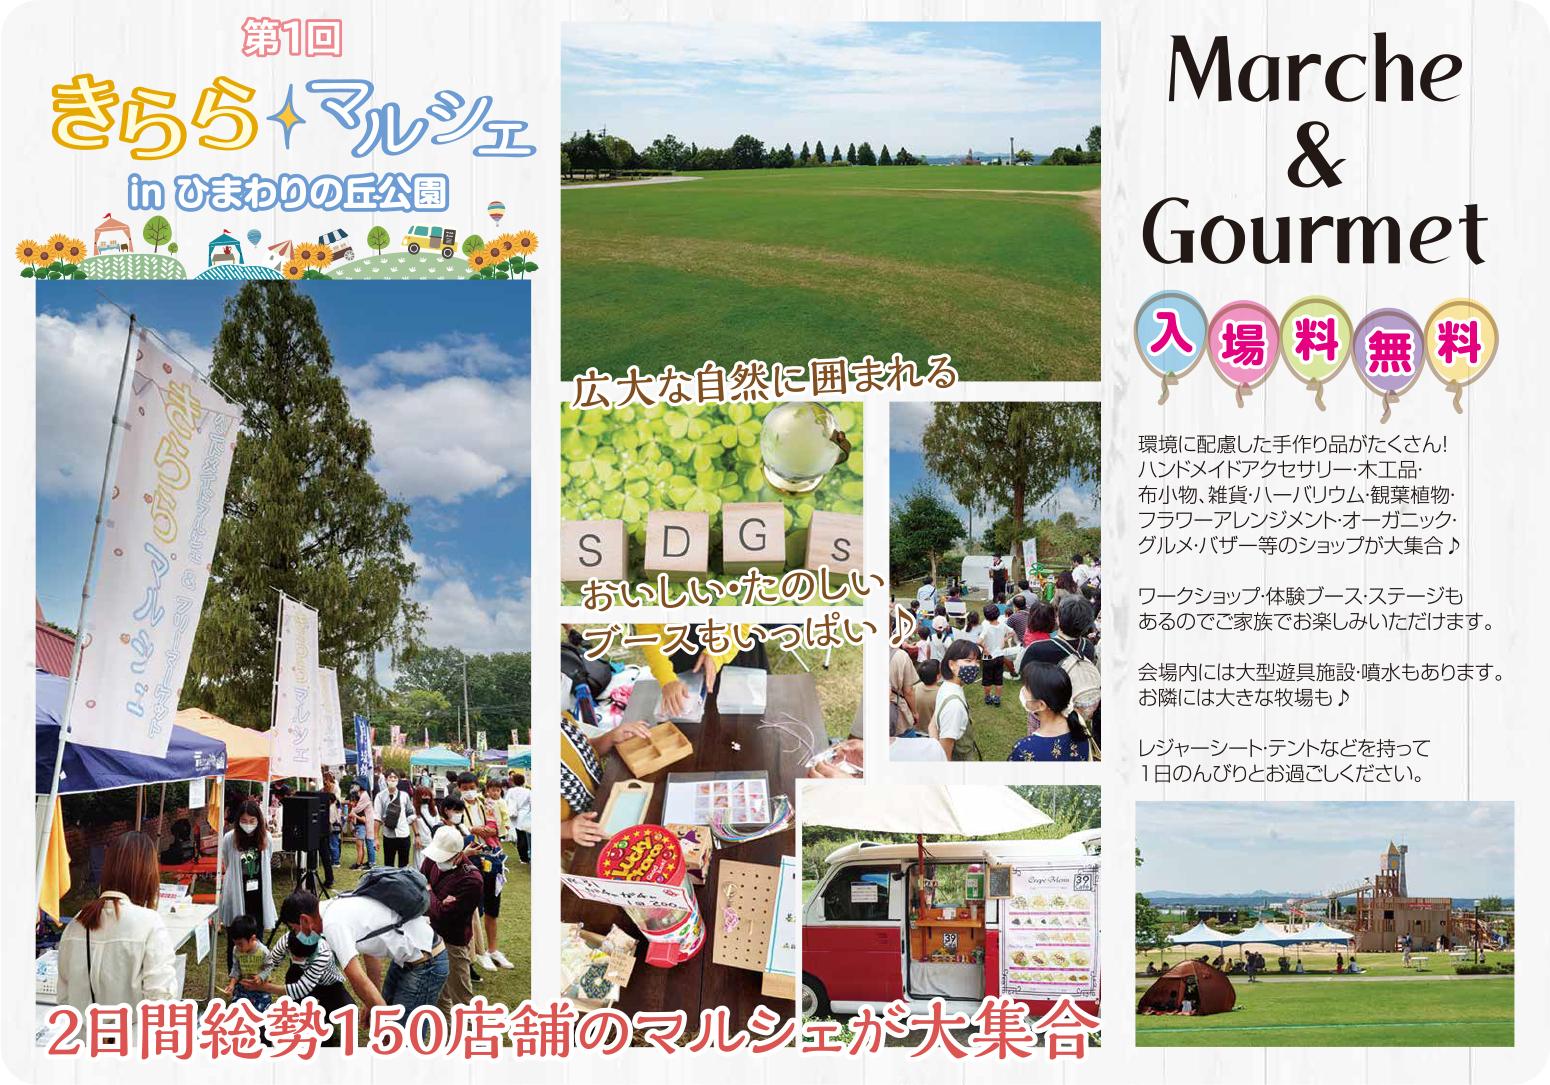 8/7-8 きららマルシェ@小野市で出店します